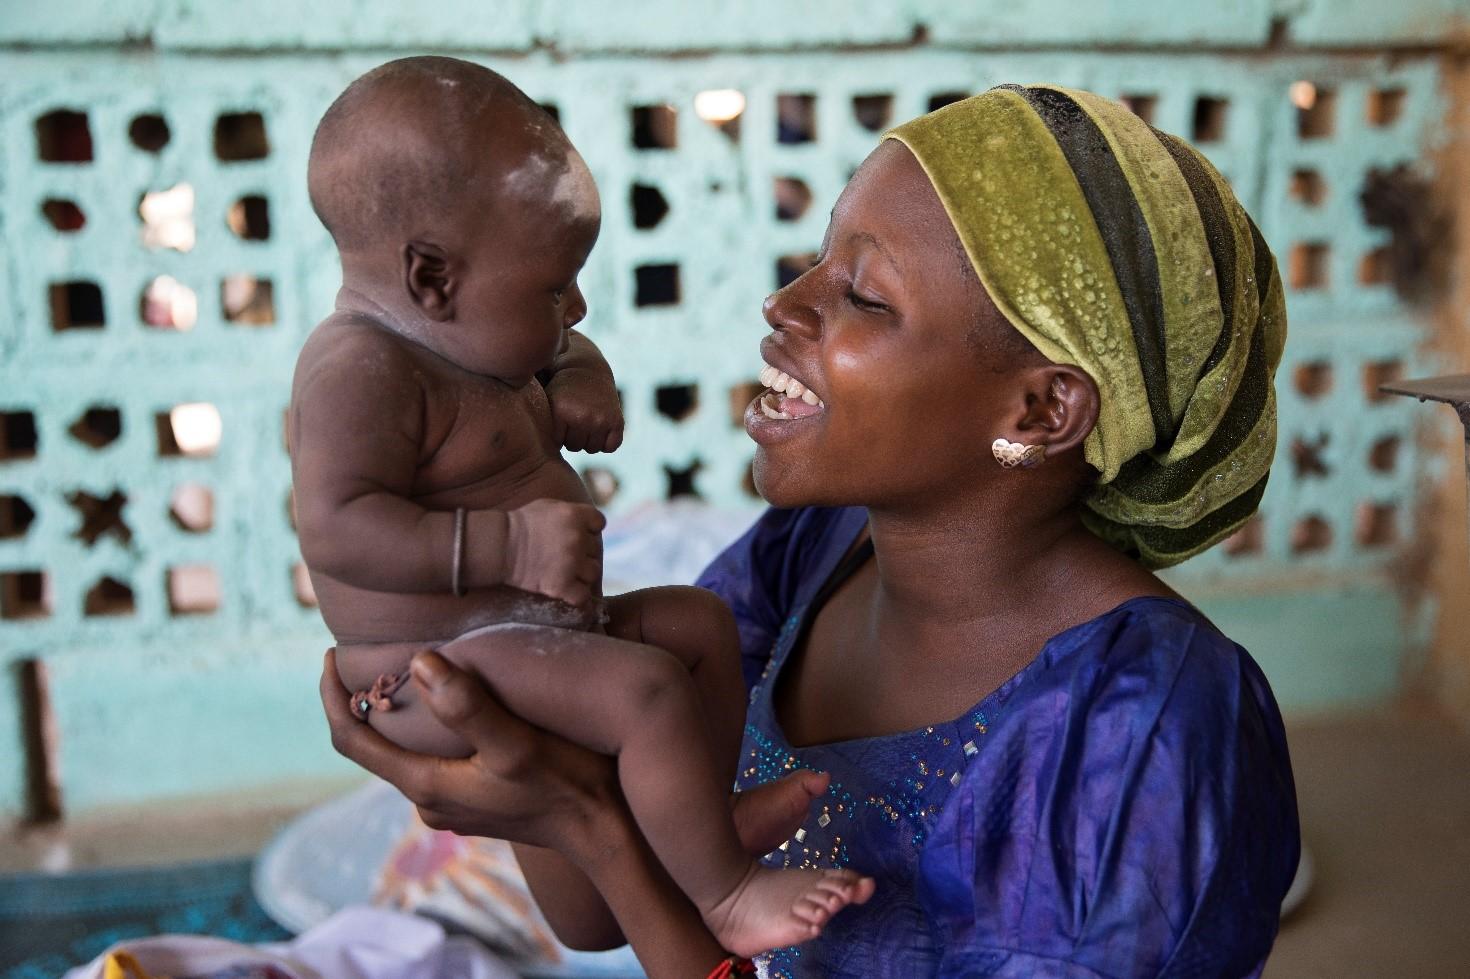 Fra 1990-2018 er dødeligheden for børn under 5 år mere end halveret fra 12,6 millioner i 1990